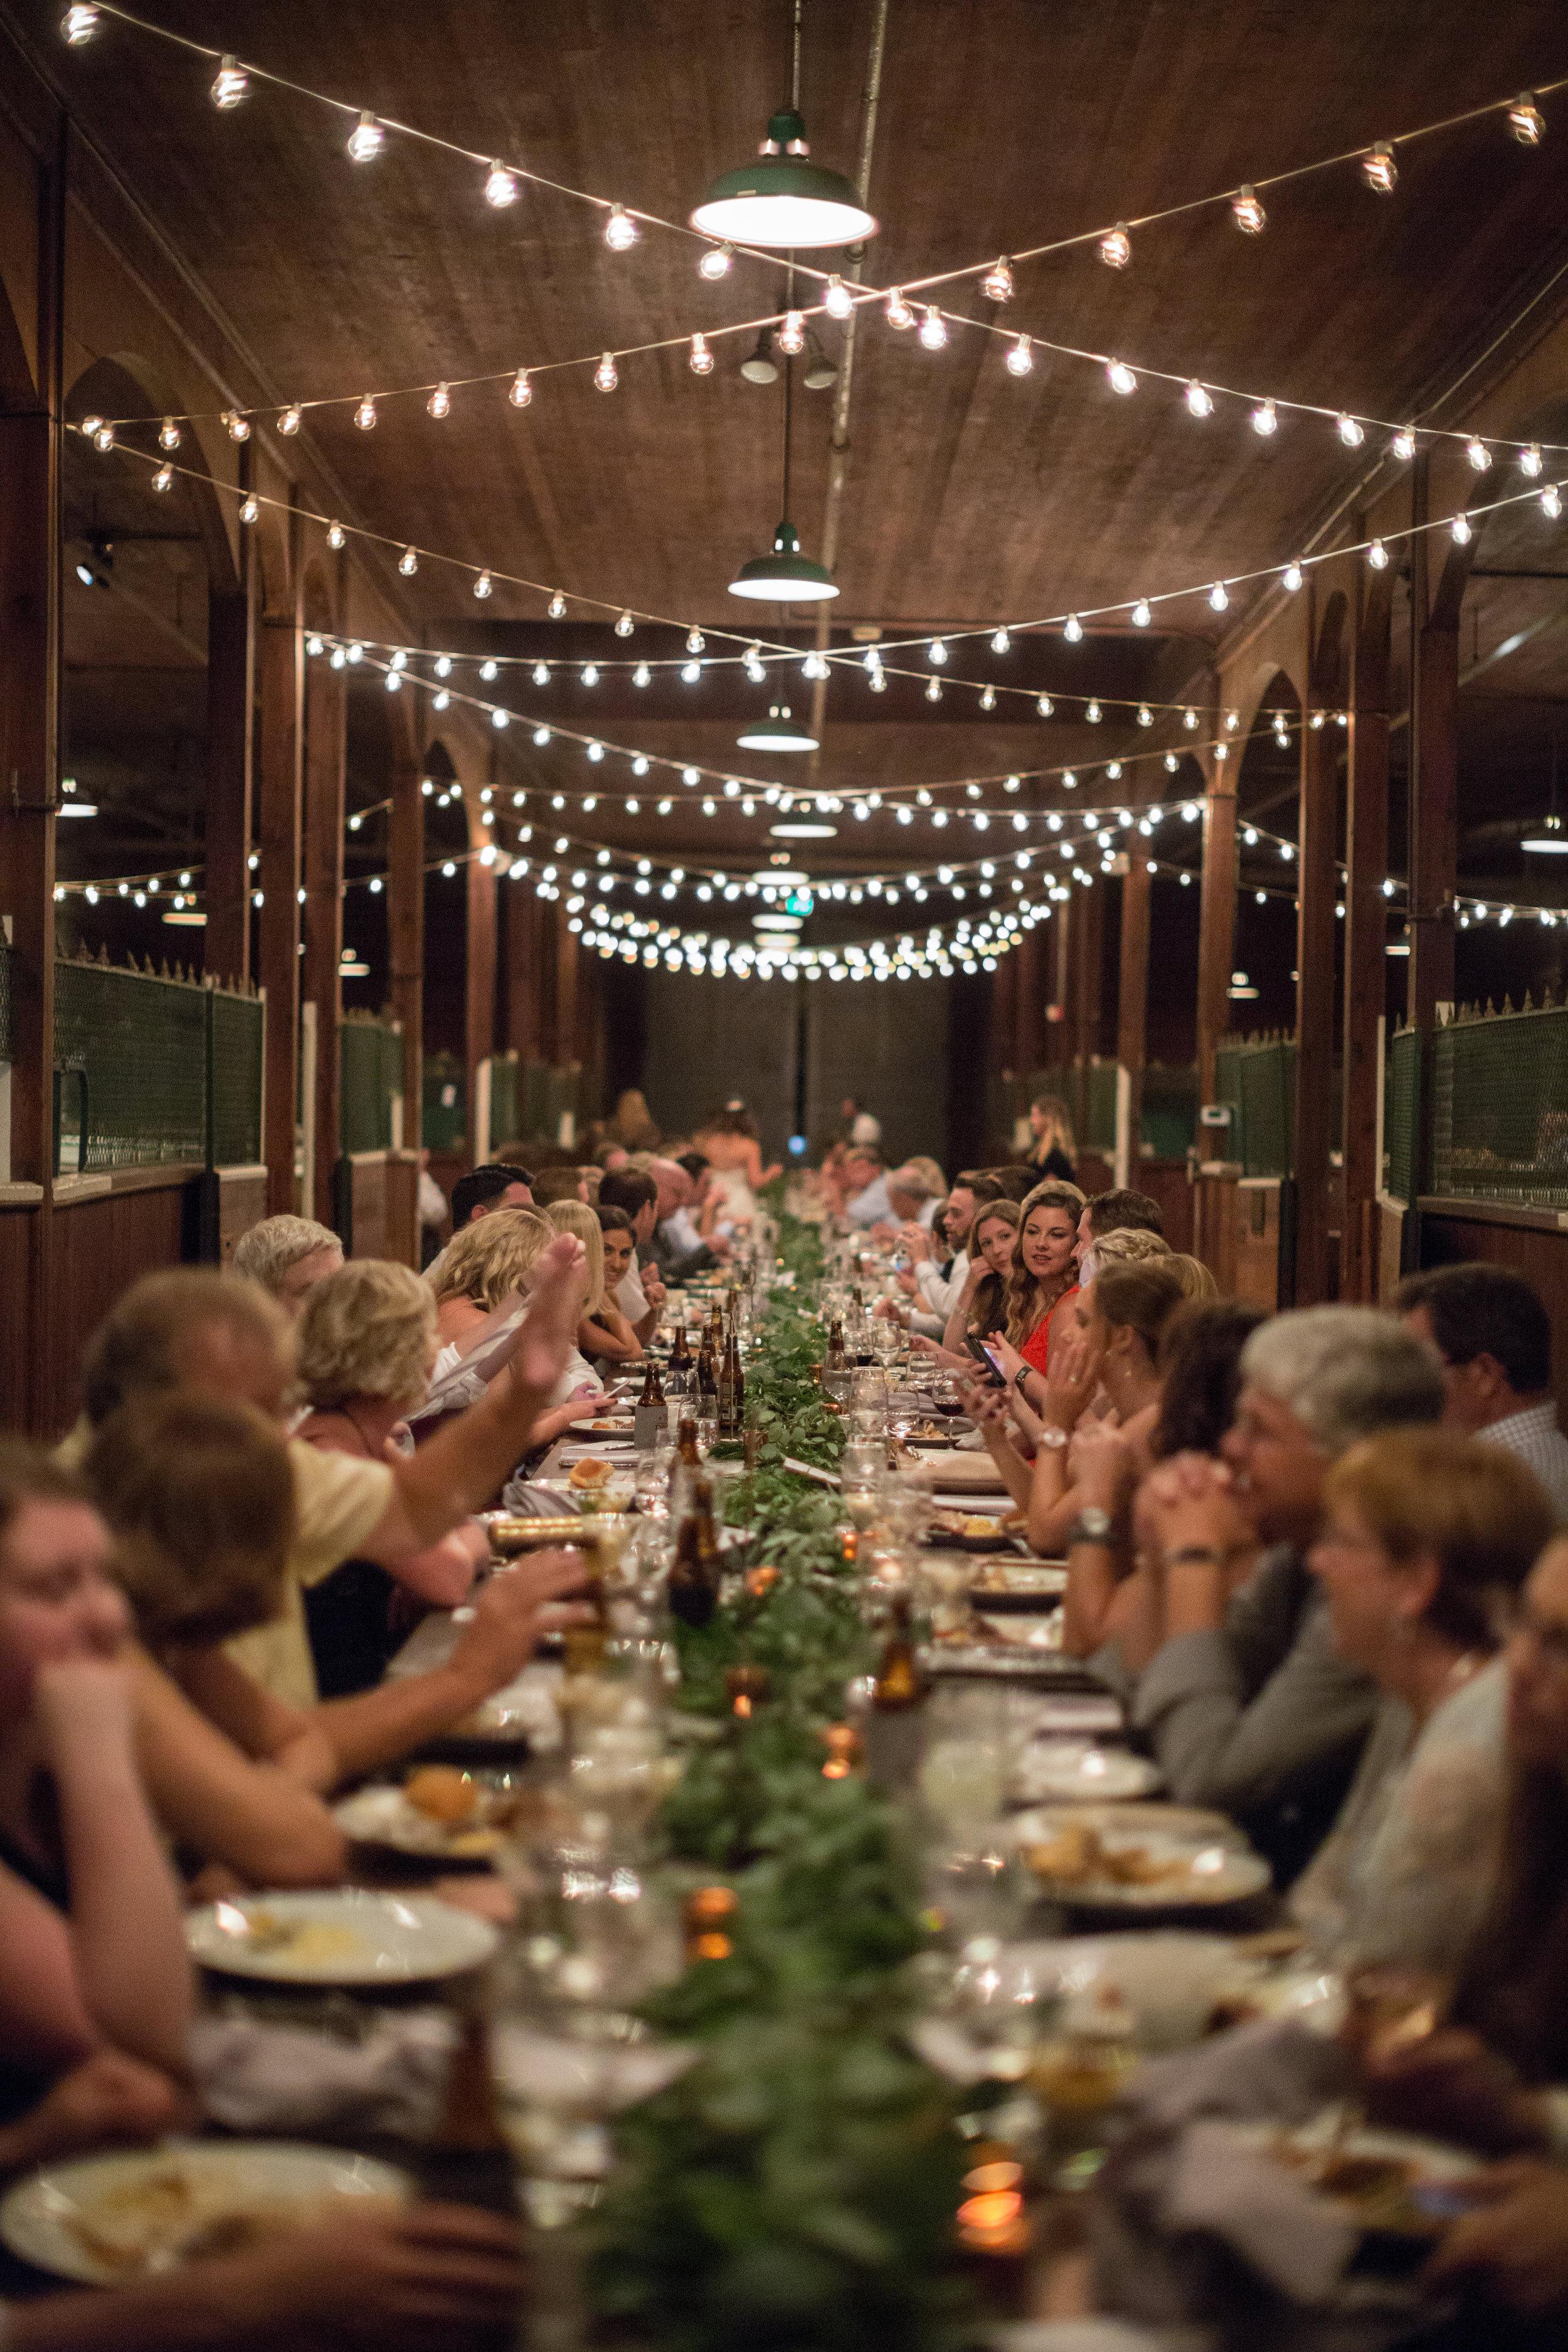 Belle Meade Plantation - Summer Wedding - Nashville, TN - Martin's BBQ Catering